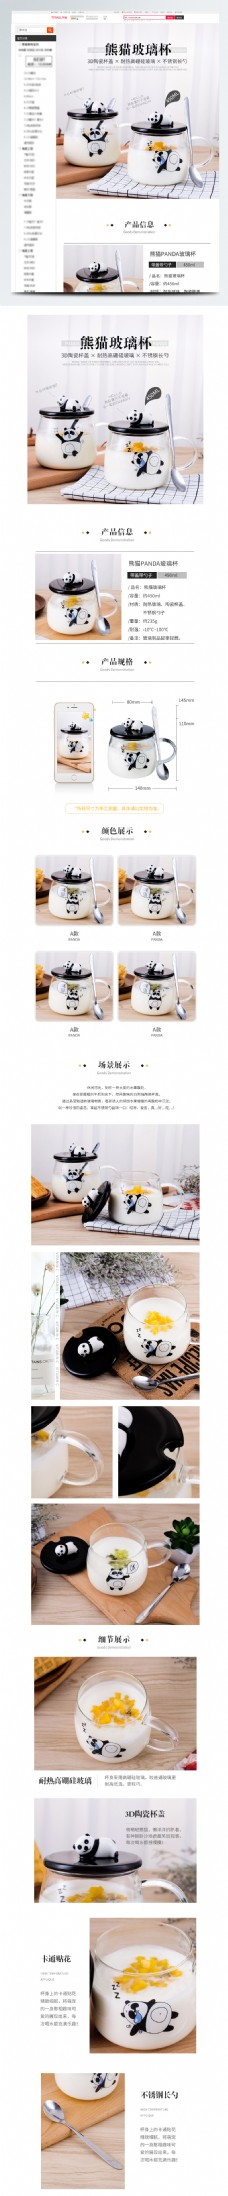 淘宝天猫可爱卡通熊猫玻璃杯详情页模板